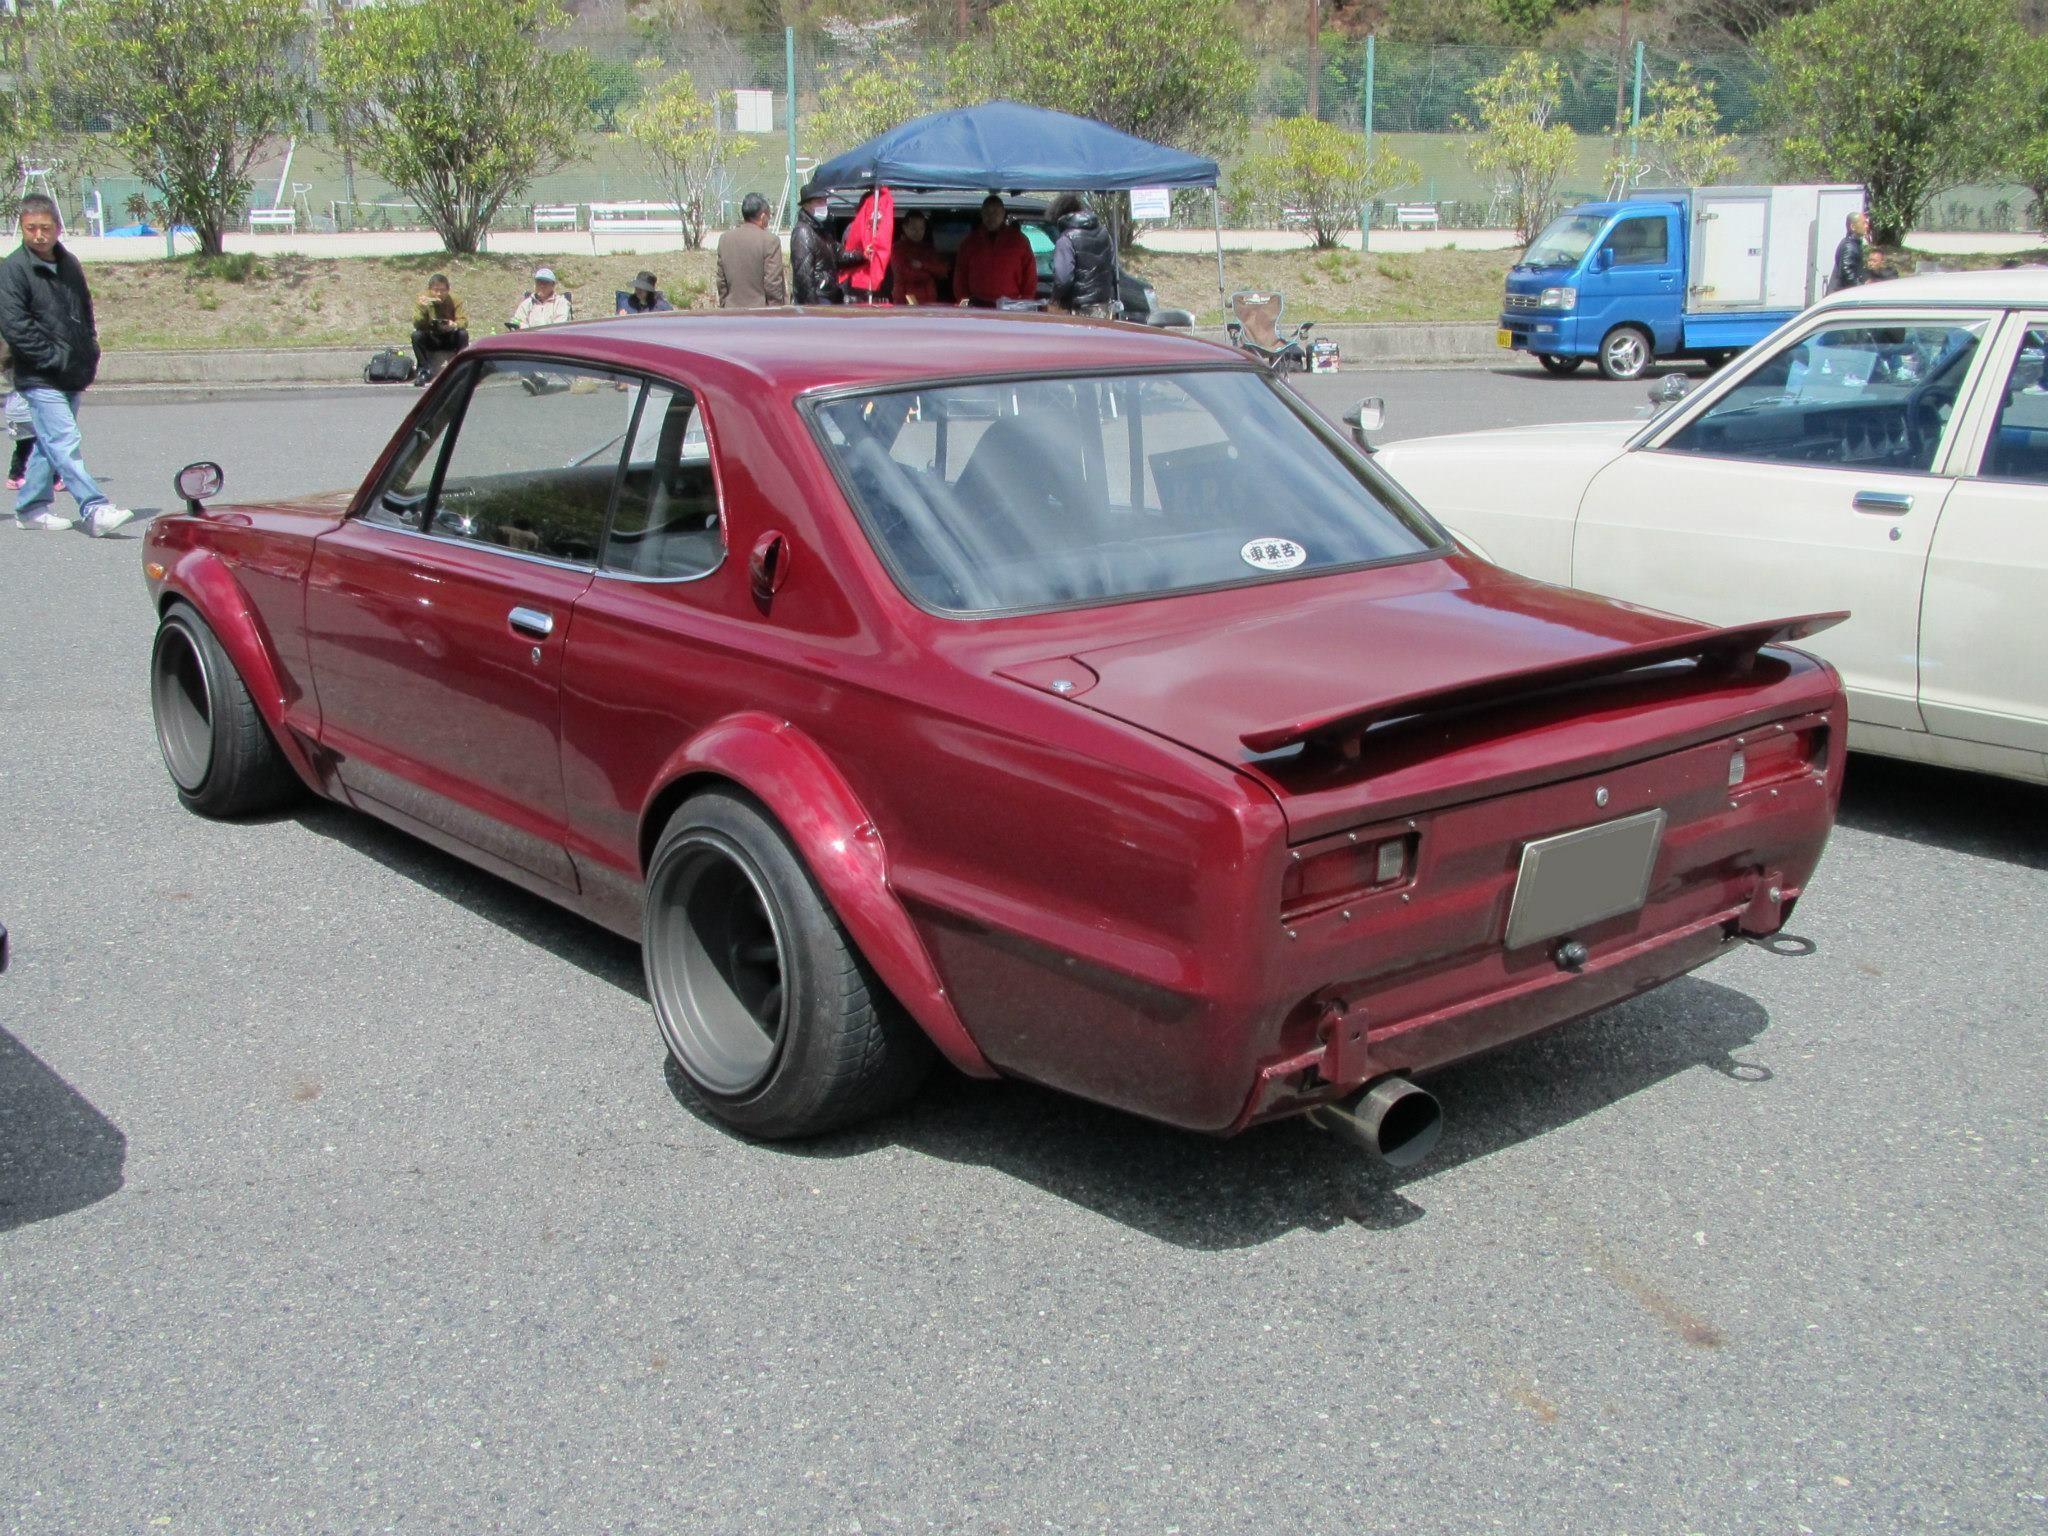 (no title) | Retro cars, Hakosuka gtr, Japanese cars